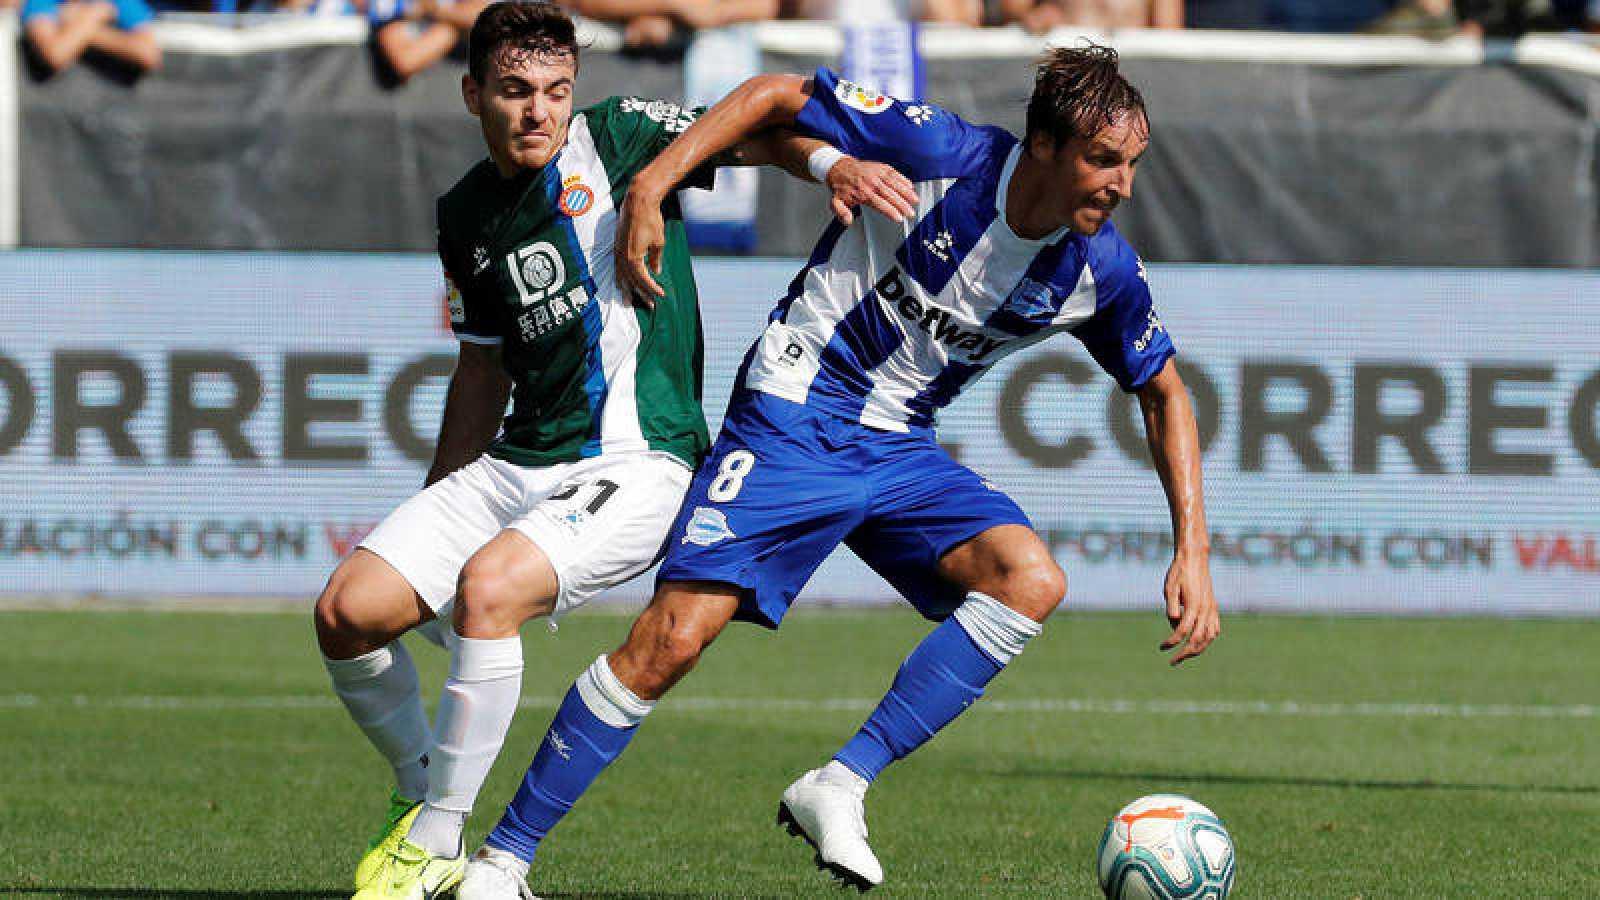 El centrocampista del Deportivo Alavés, Tomás Pina disputa un balón con el defensa del RCD Espanyol Didac Vilá.